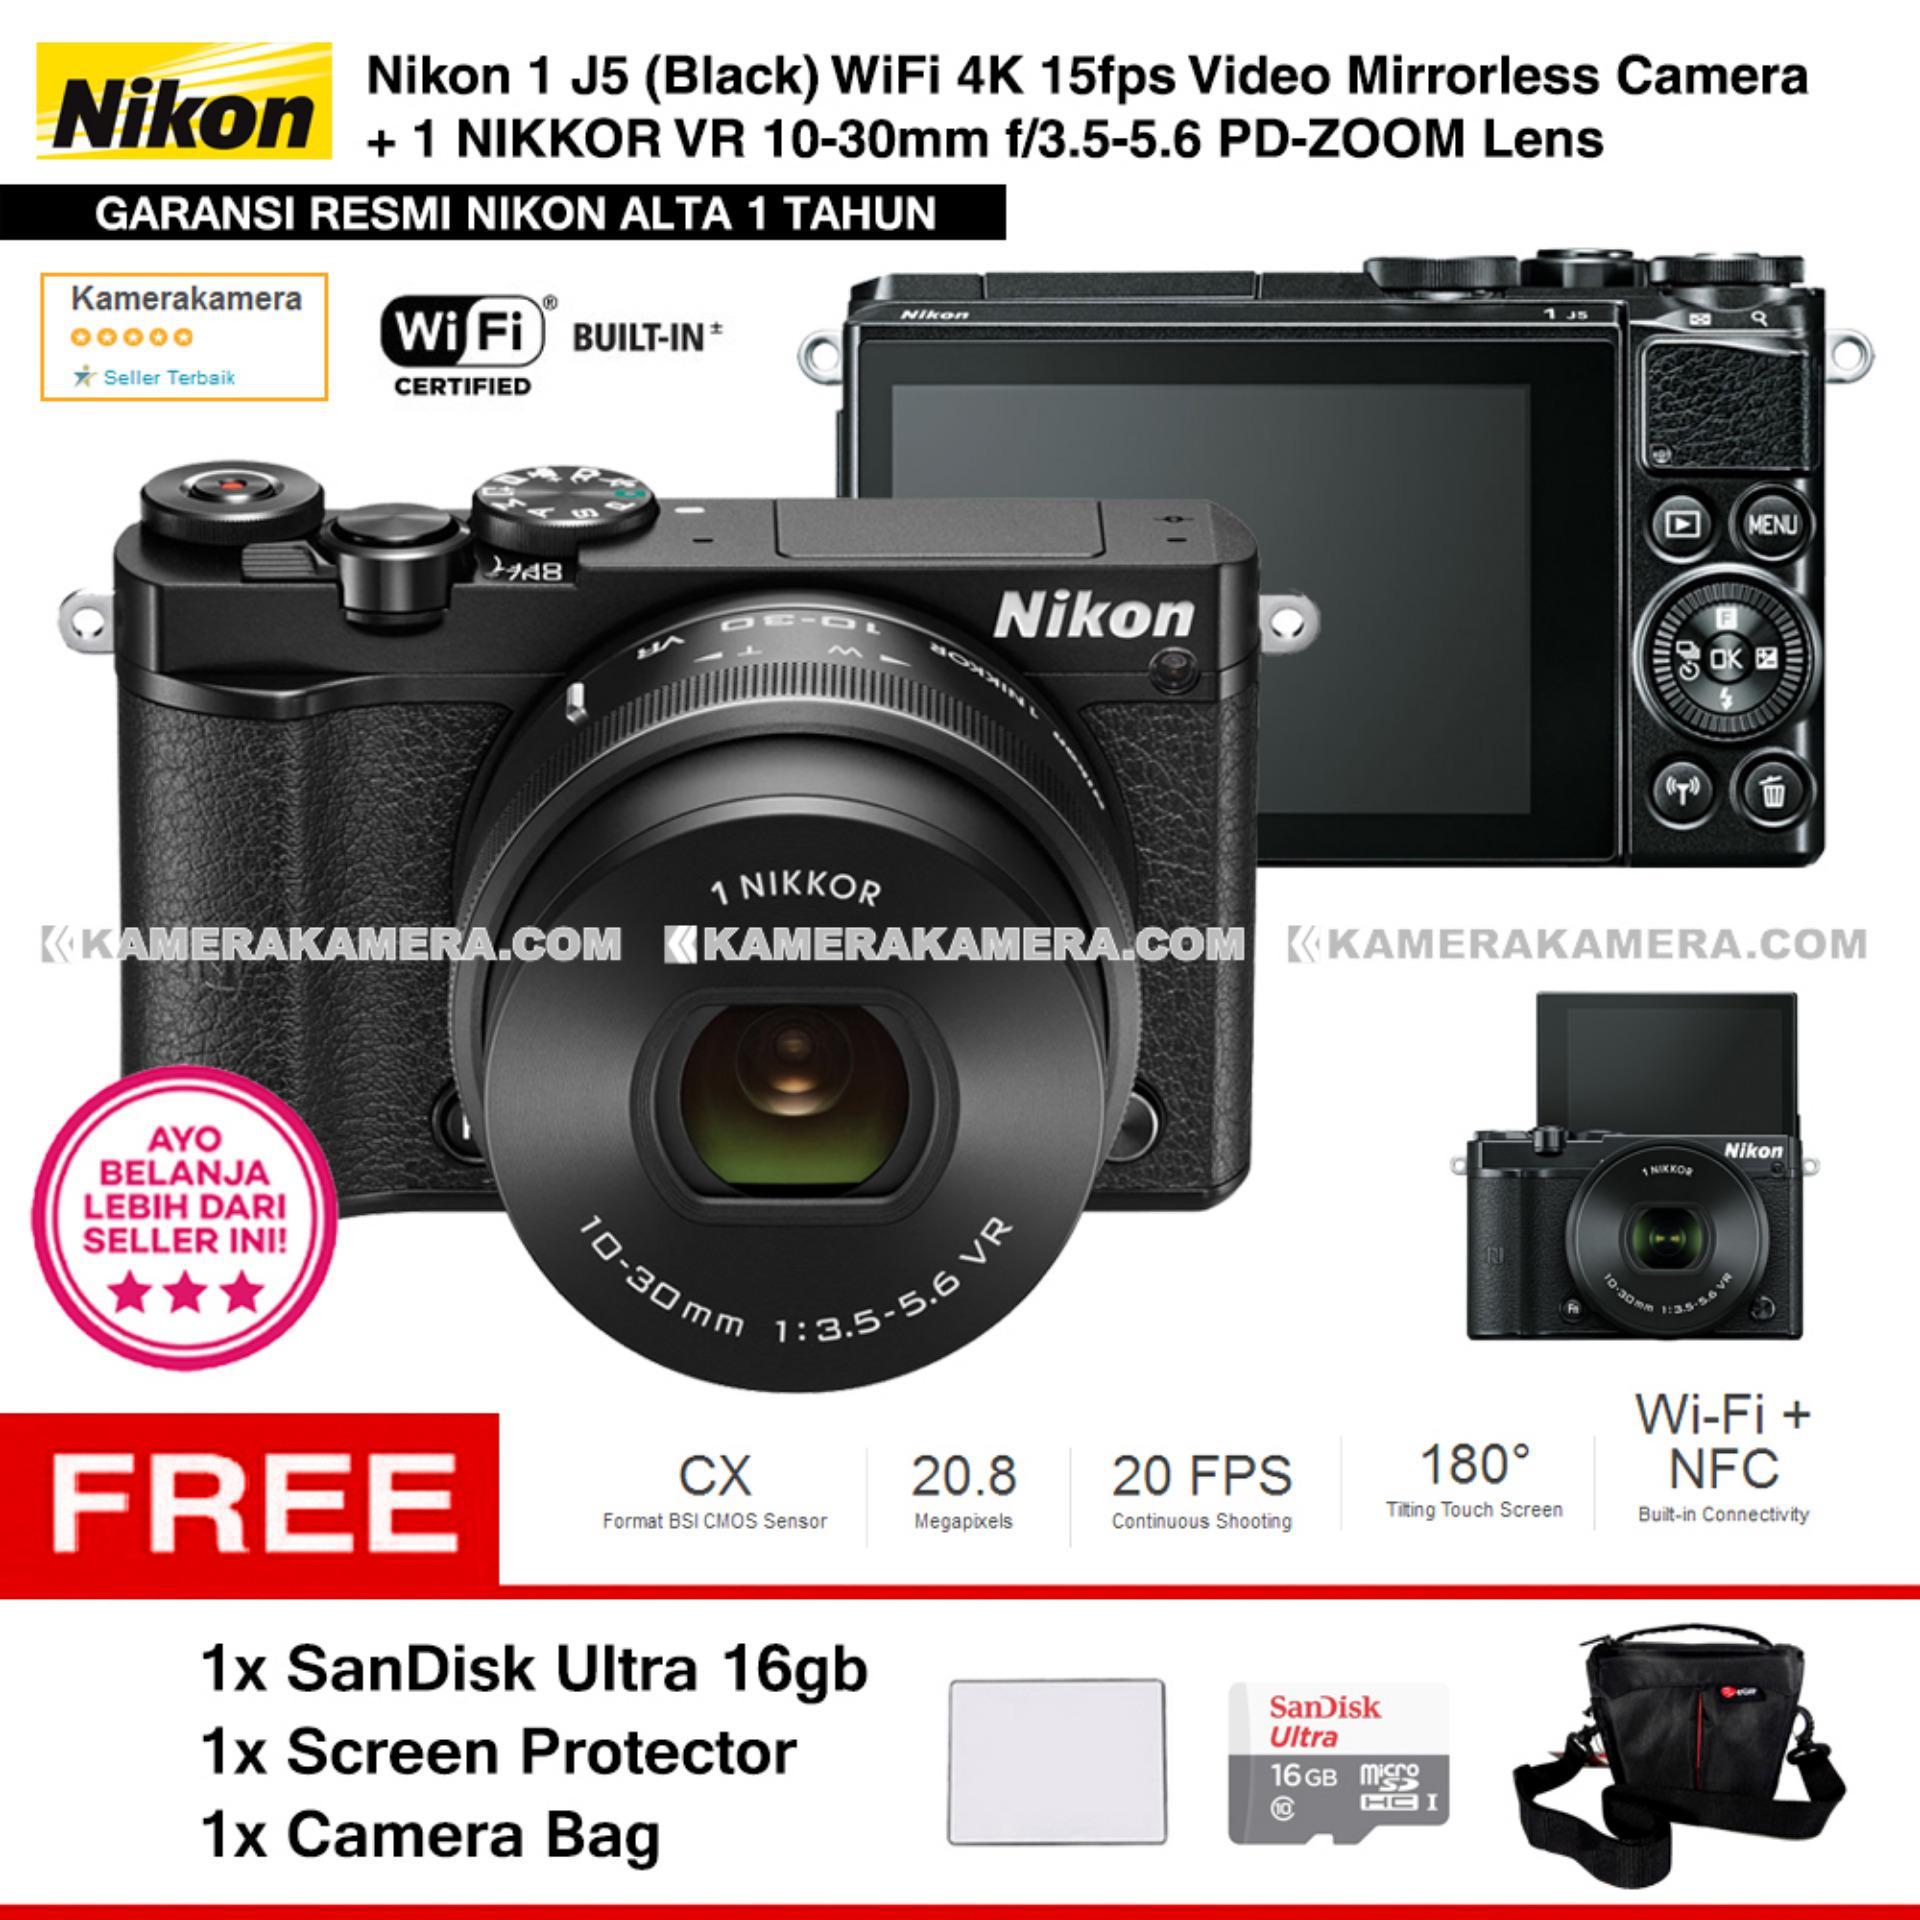 NIKON 1 J5 (BLACK) WiFi 4K Mirrorless Camera VR 10-30mm Lens - Resmi Nikon Alta + MicroSD SanDisk Ultra 16gb + Screen Protector + Camera Bag